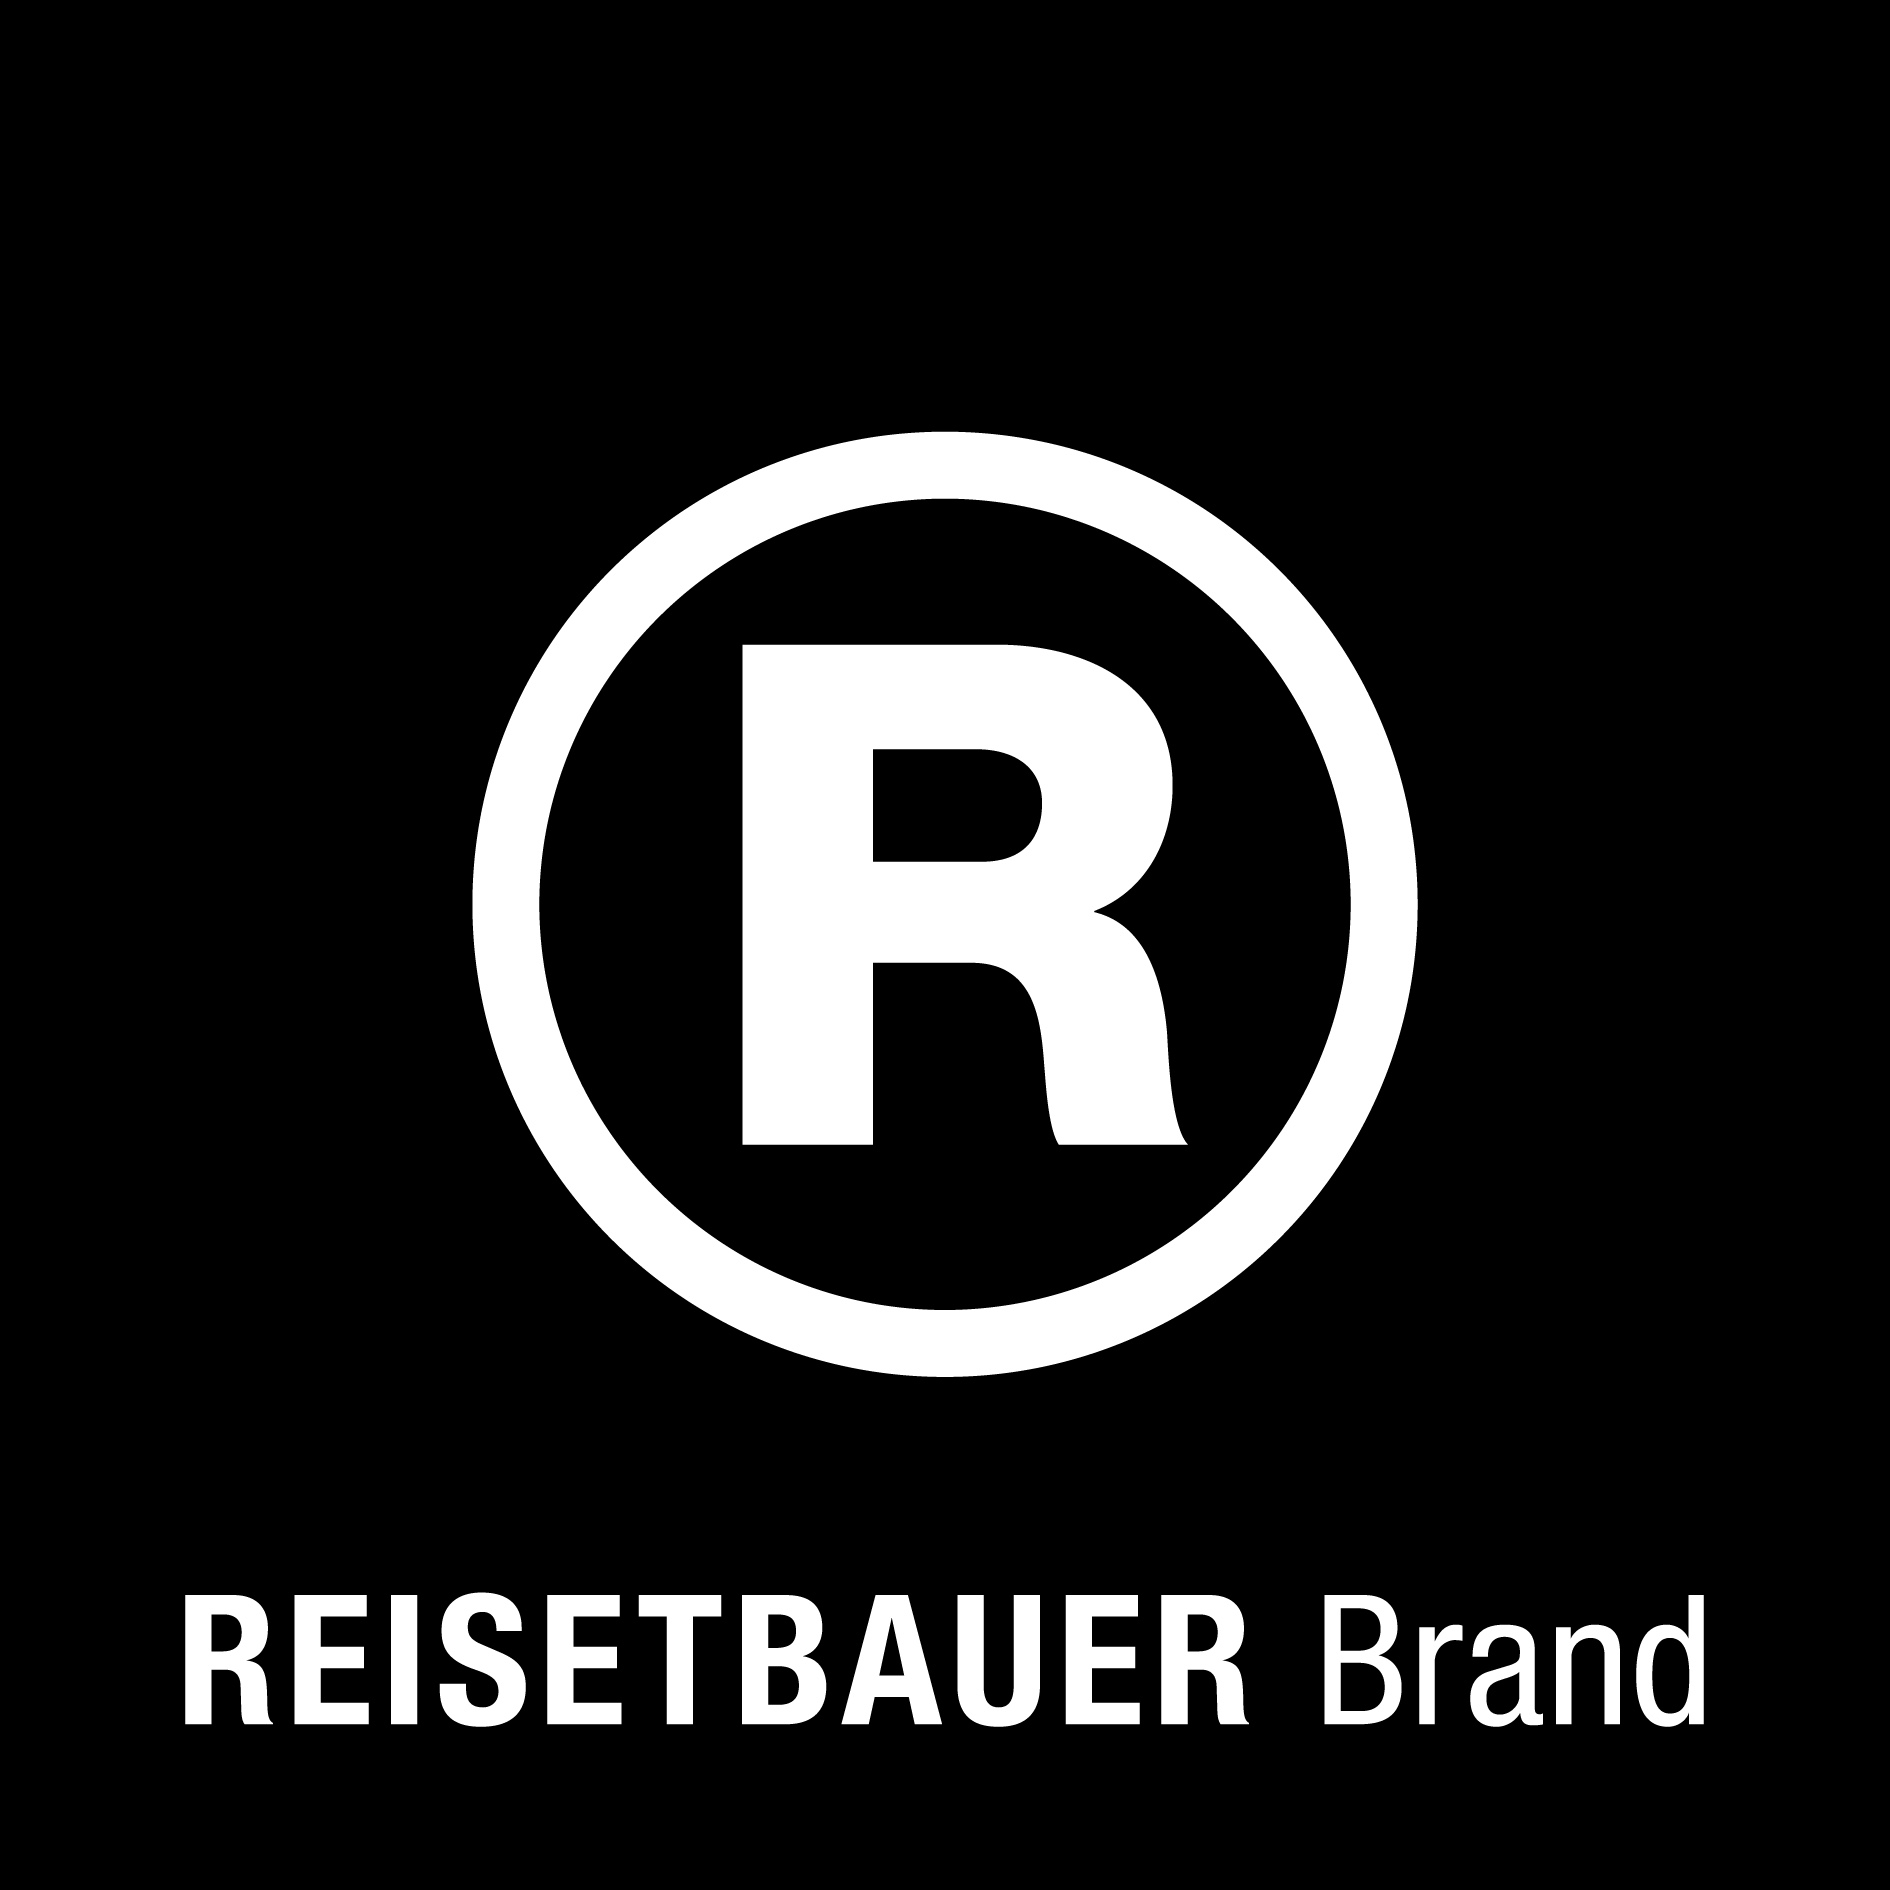 Reisetbauer Brand